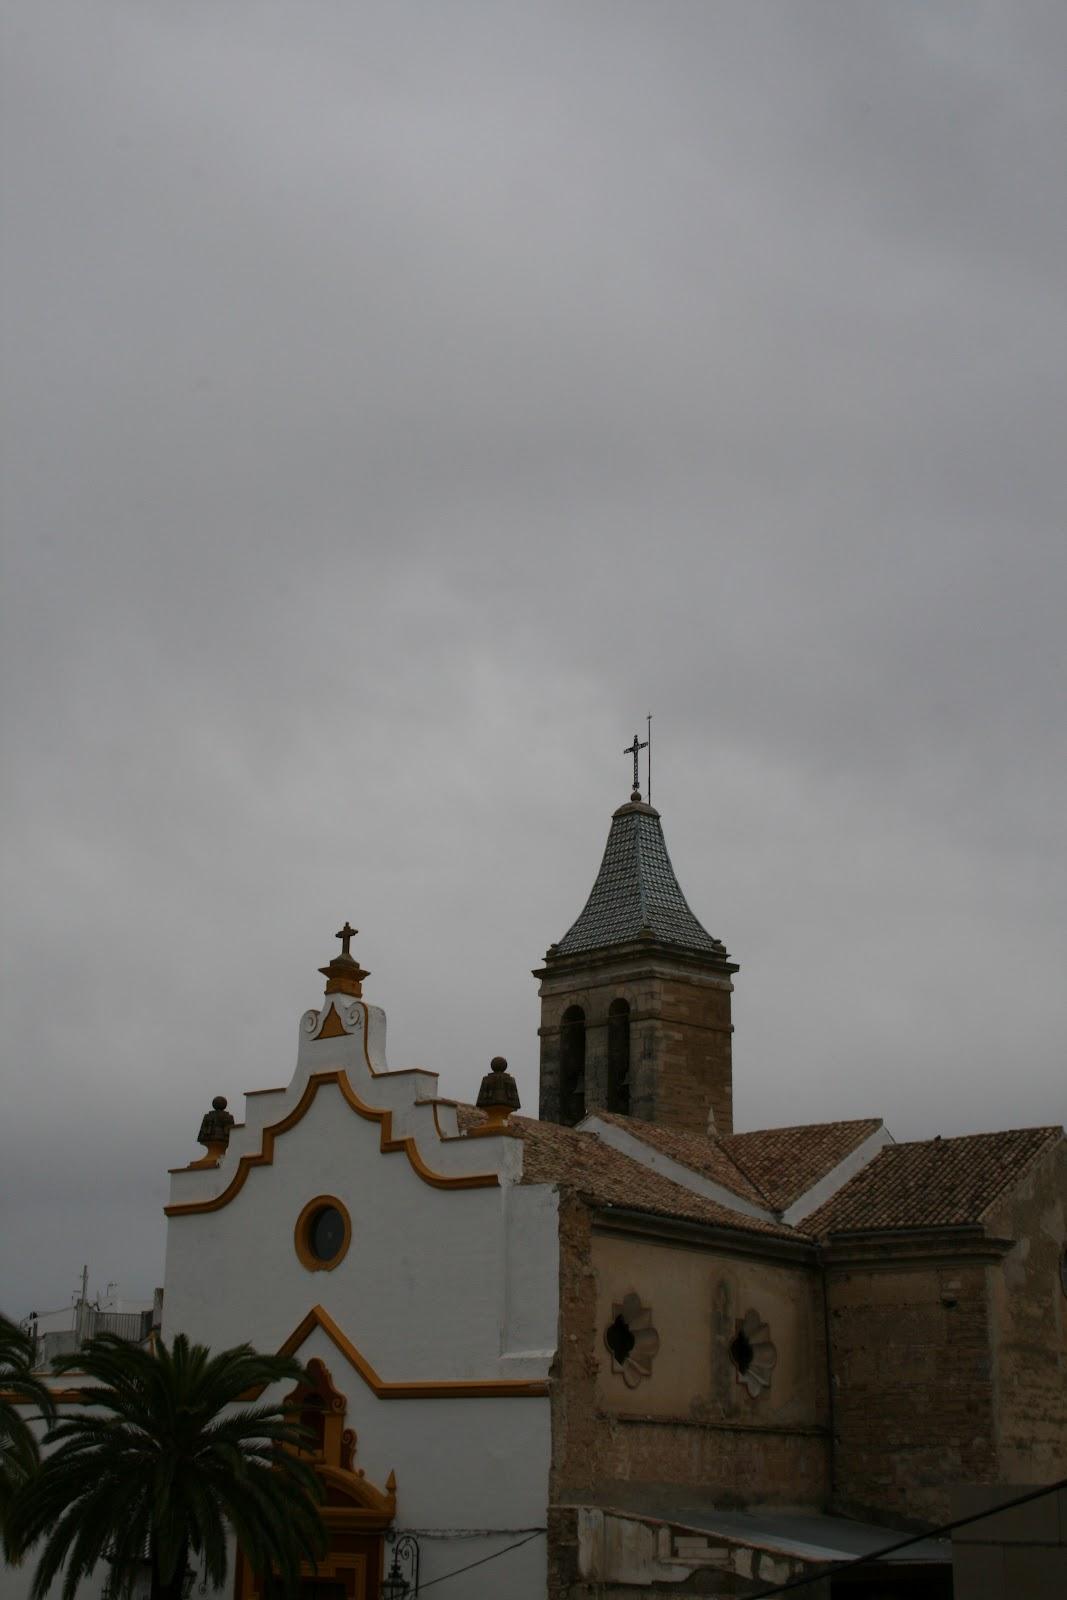 Maravillas ocultas de espa a jaen otra andalucia for 5 principales villas ocultas